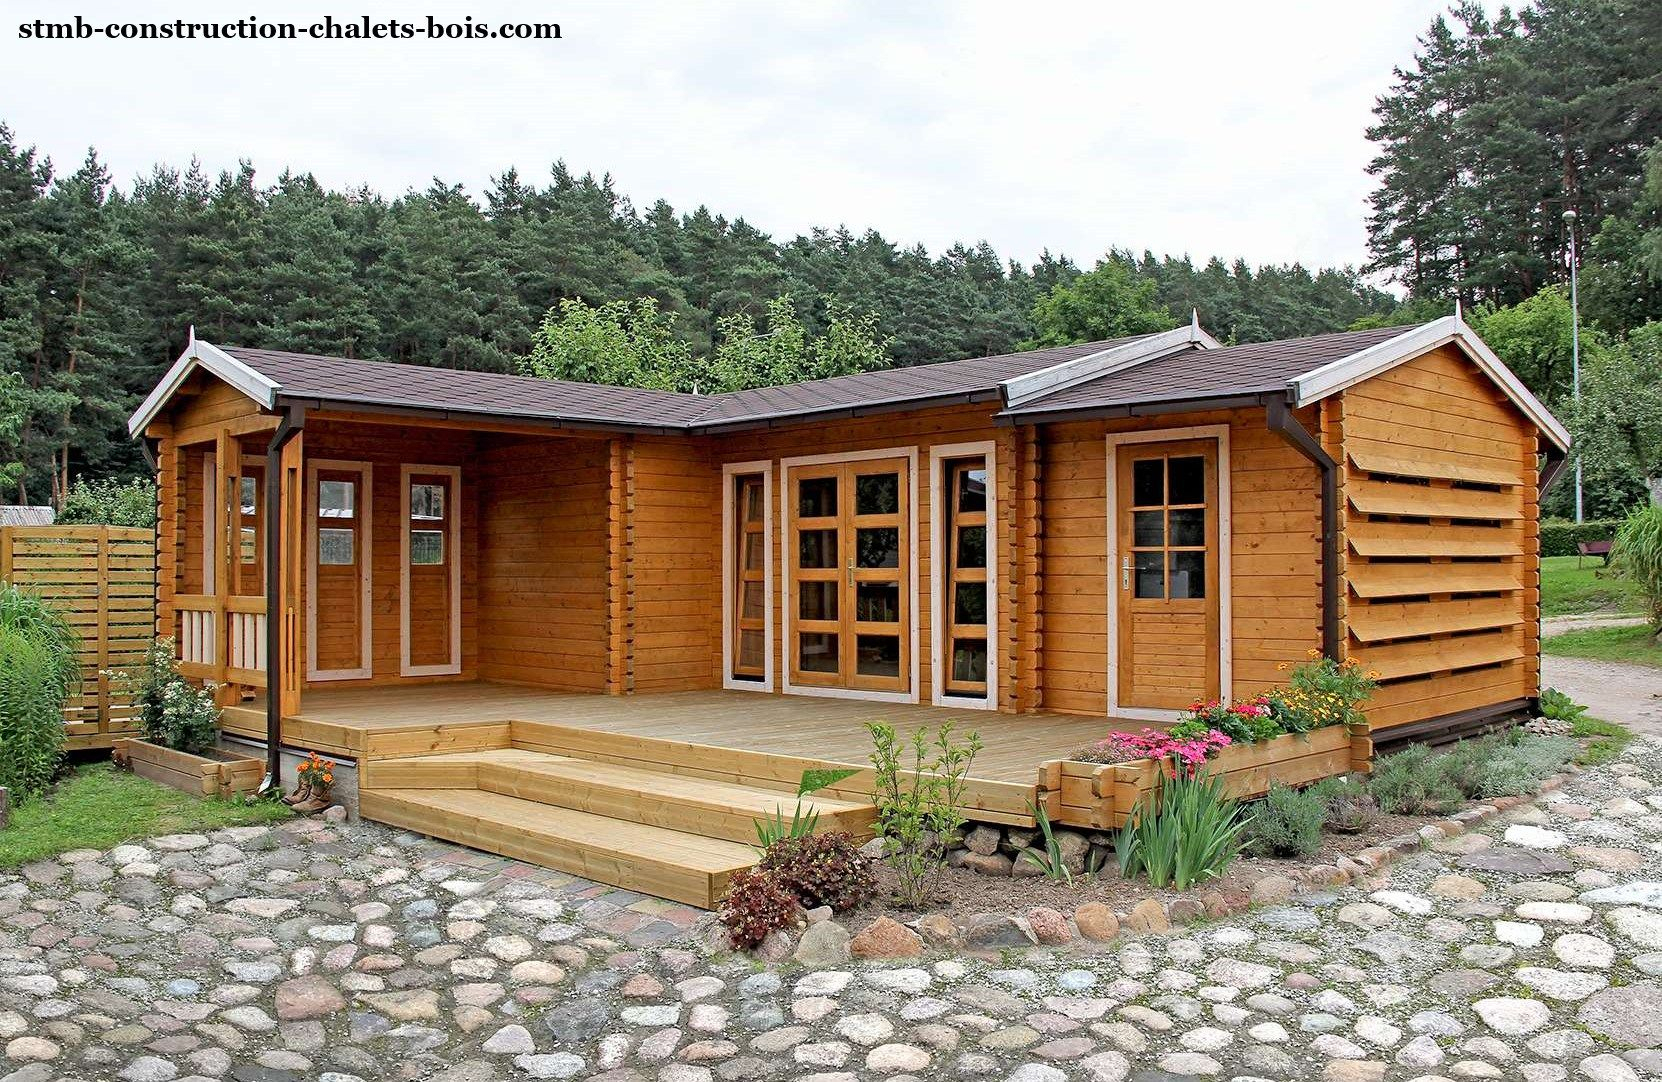 Boutique Chalets Habitables Kit Chalet Habitable Chataignier ... avec Chalet En Bois 20M2